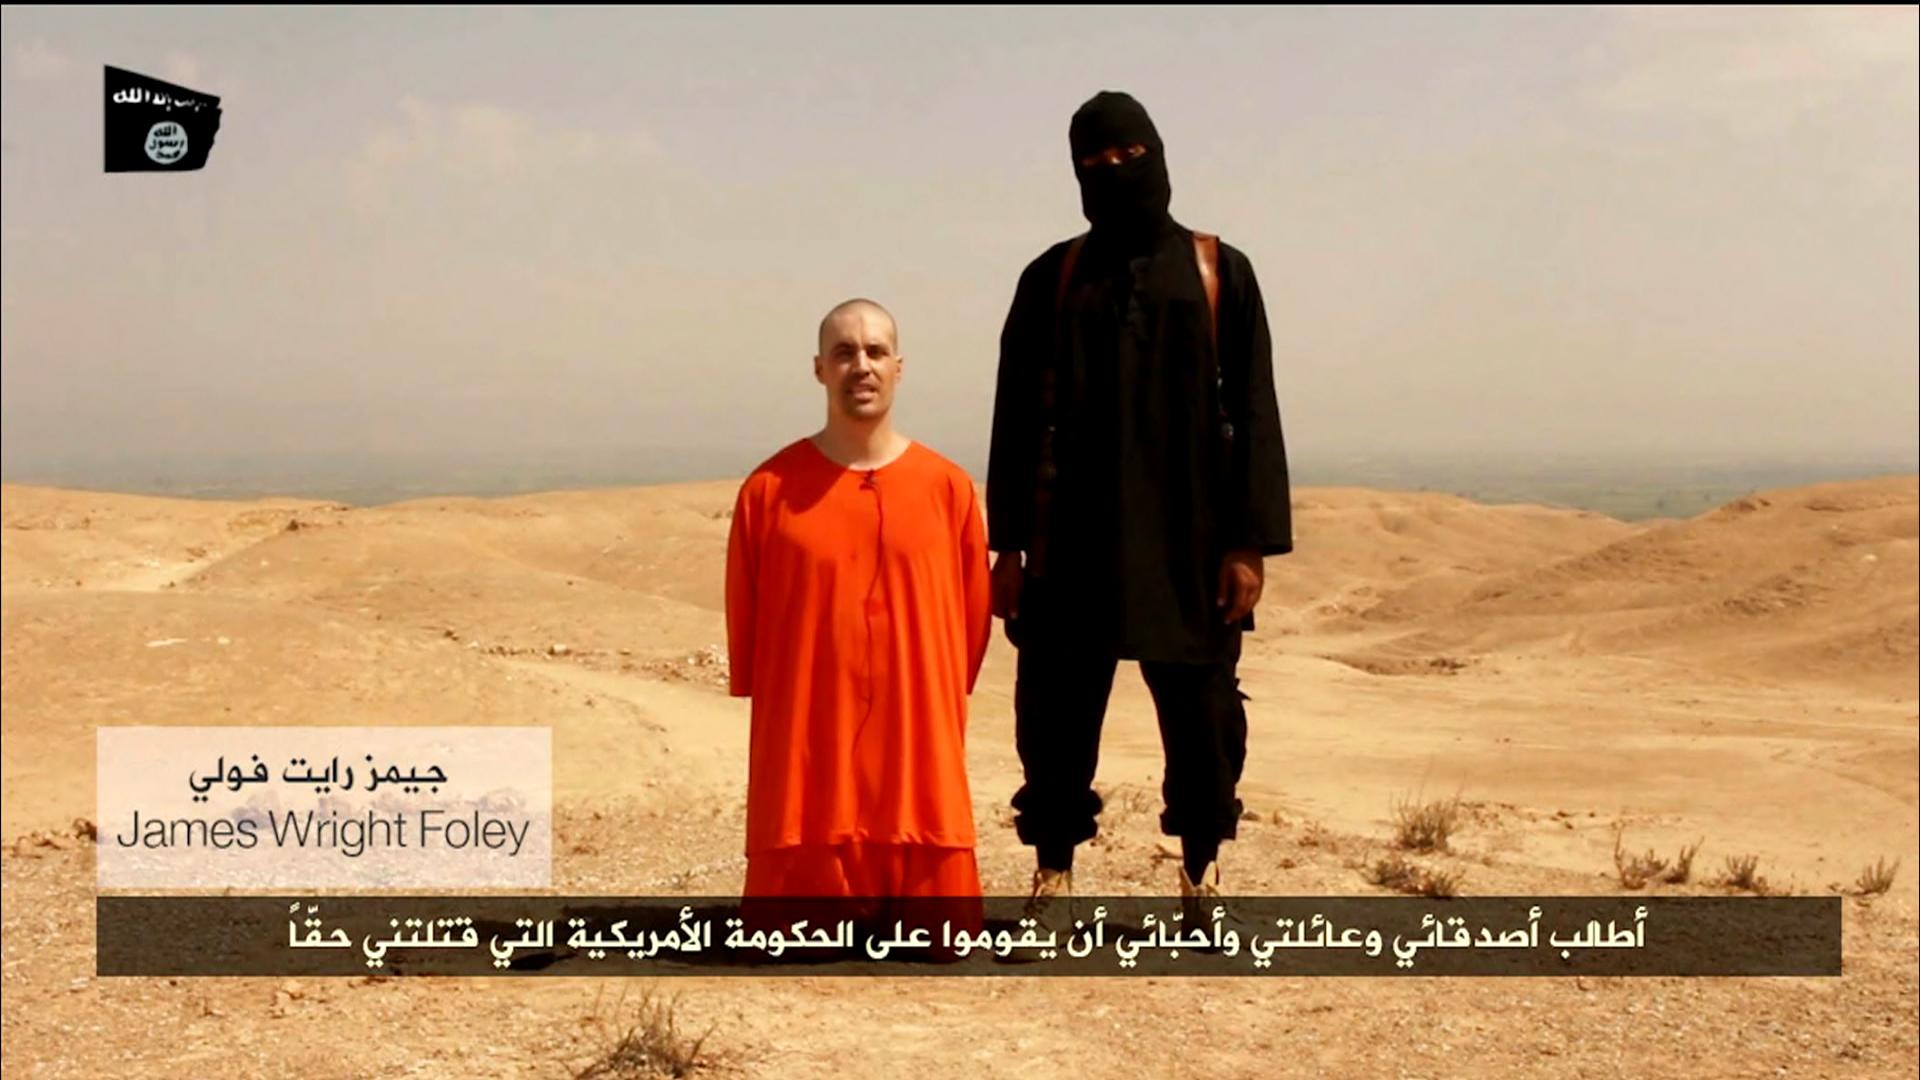 (Photo curtesy of VICE News)